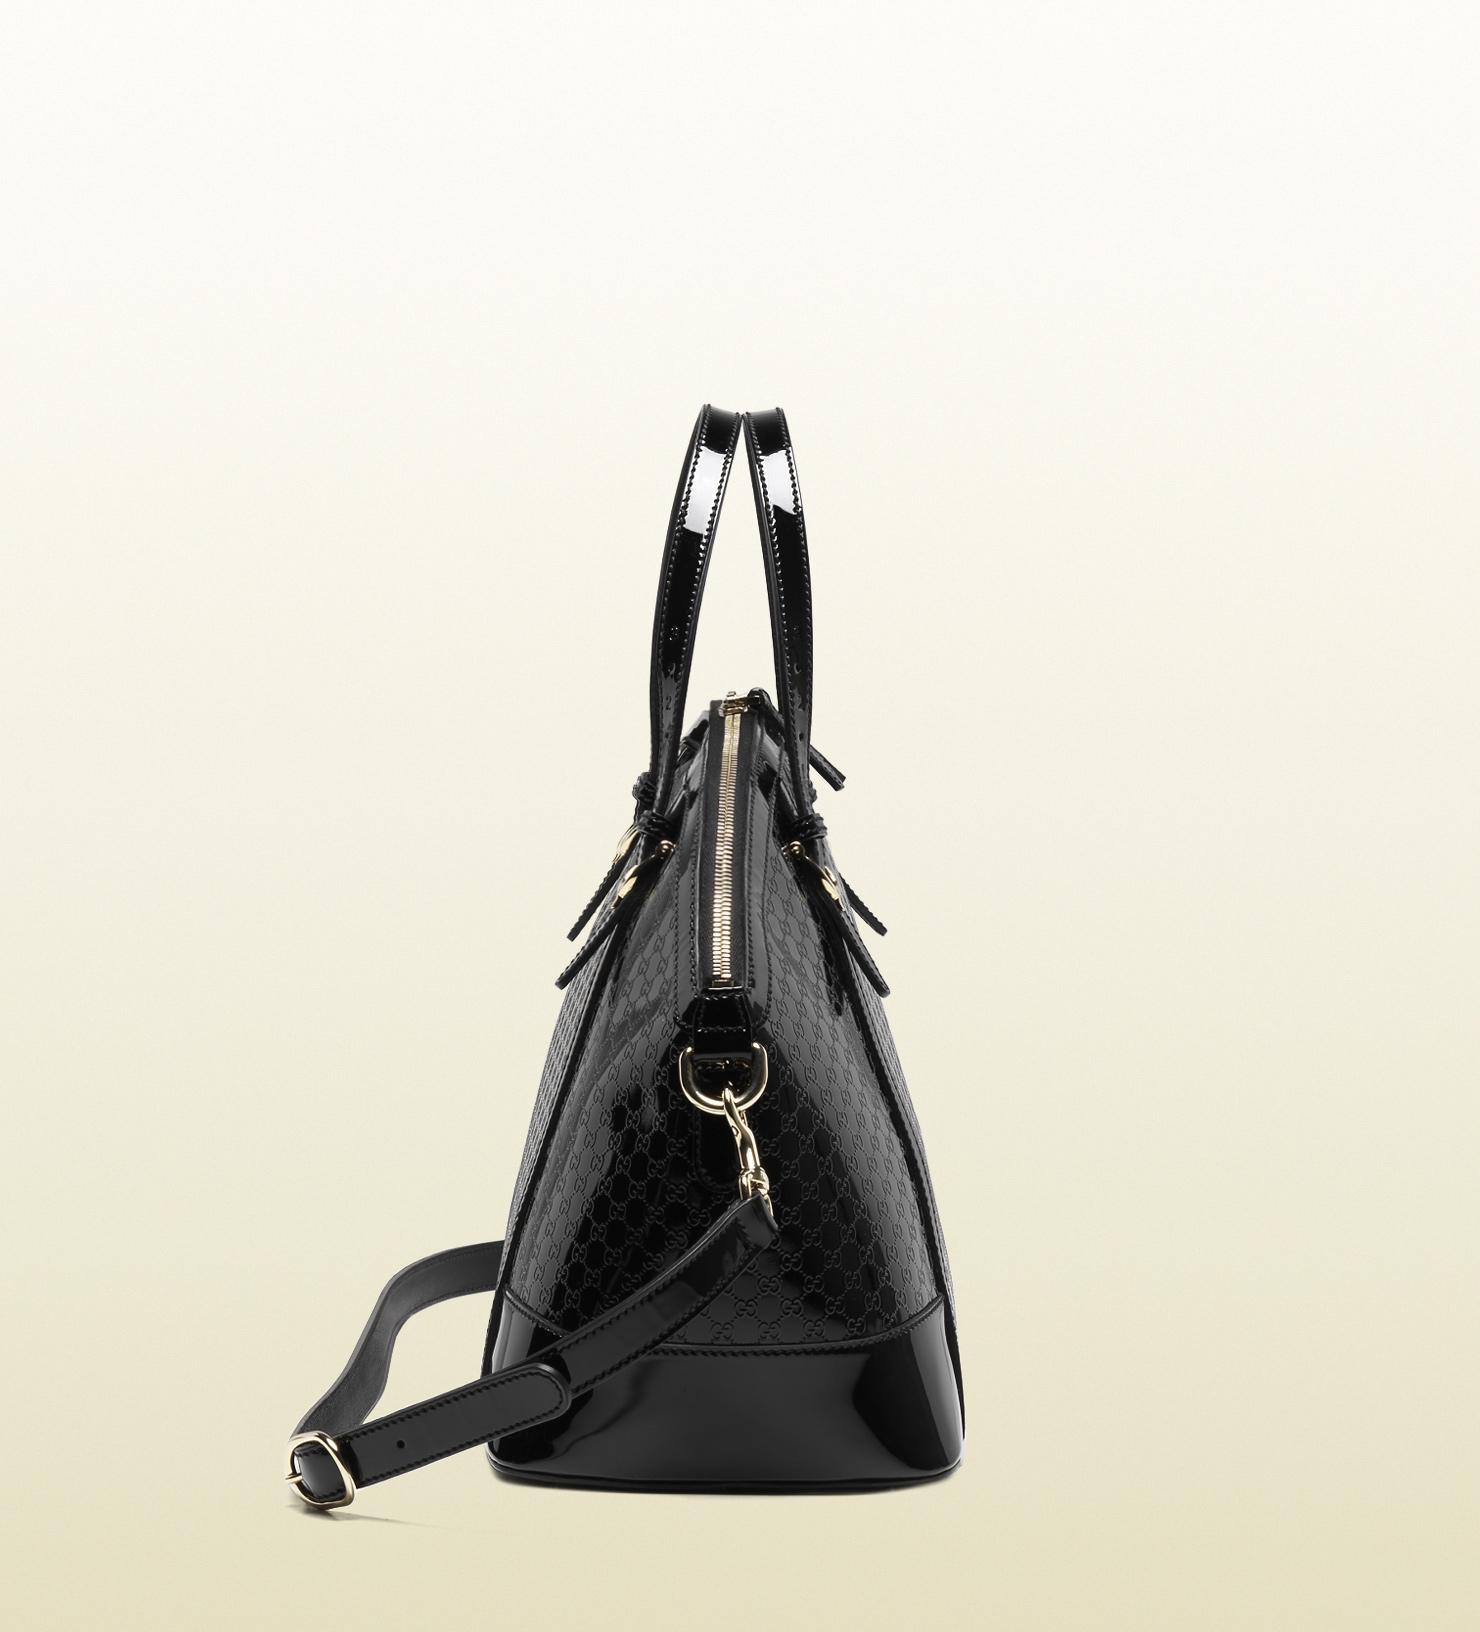 a9ef4e5de125 Gucci Gucci Nice Micro=guccissima Patent Leather Top Handle Bag in ...